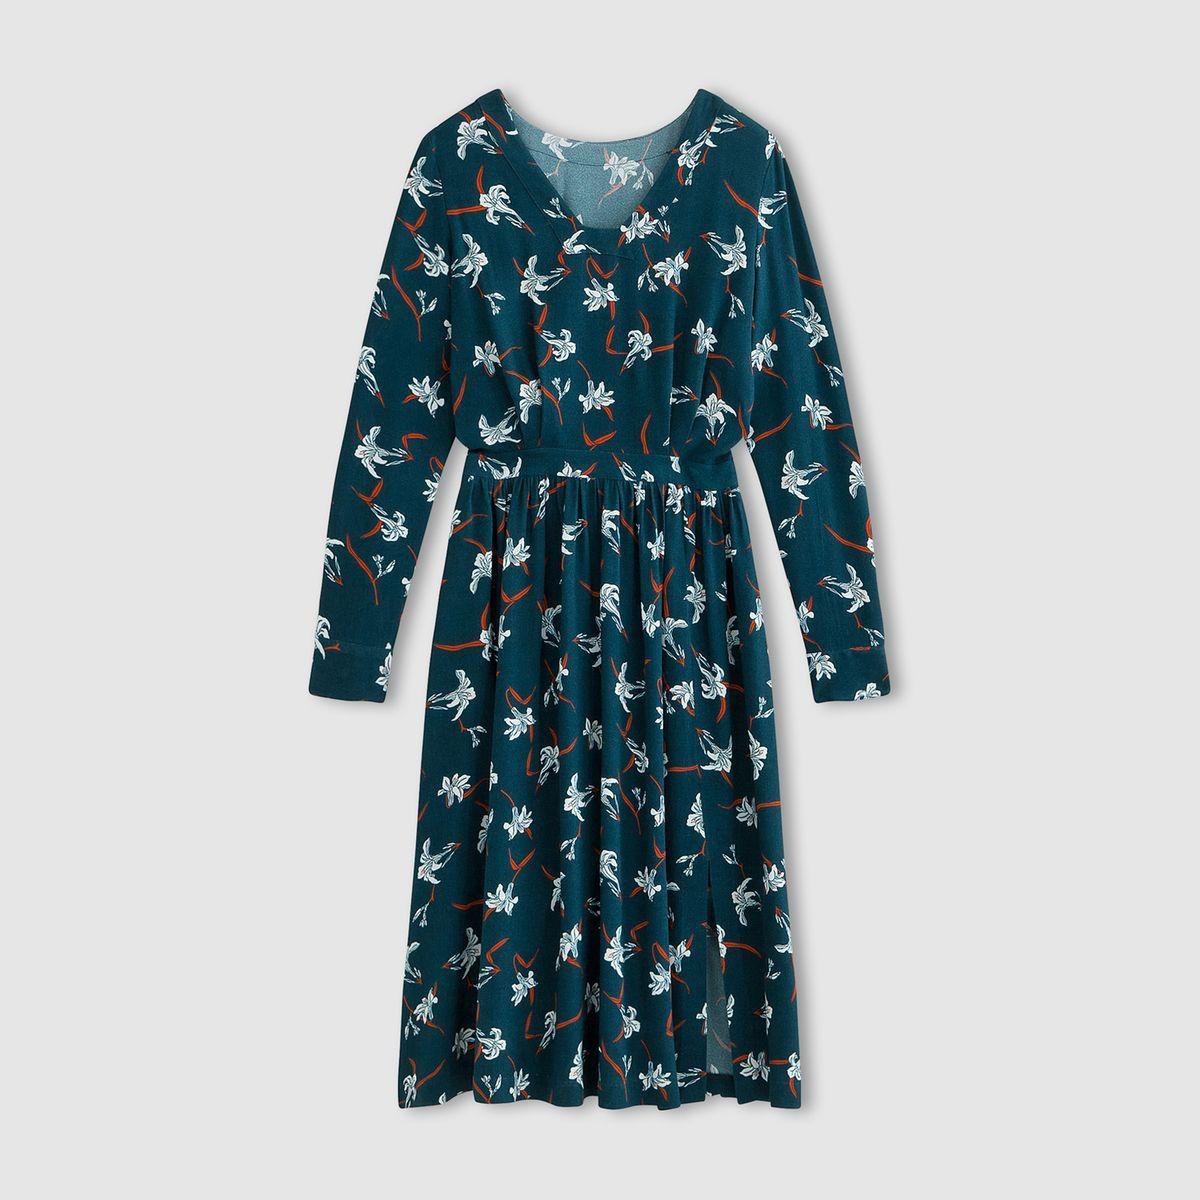 b2abb1be77 Robe longue imprimée laura clement Laura Clement